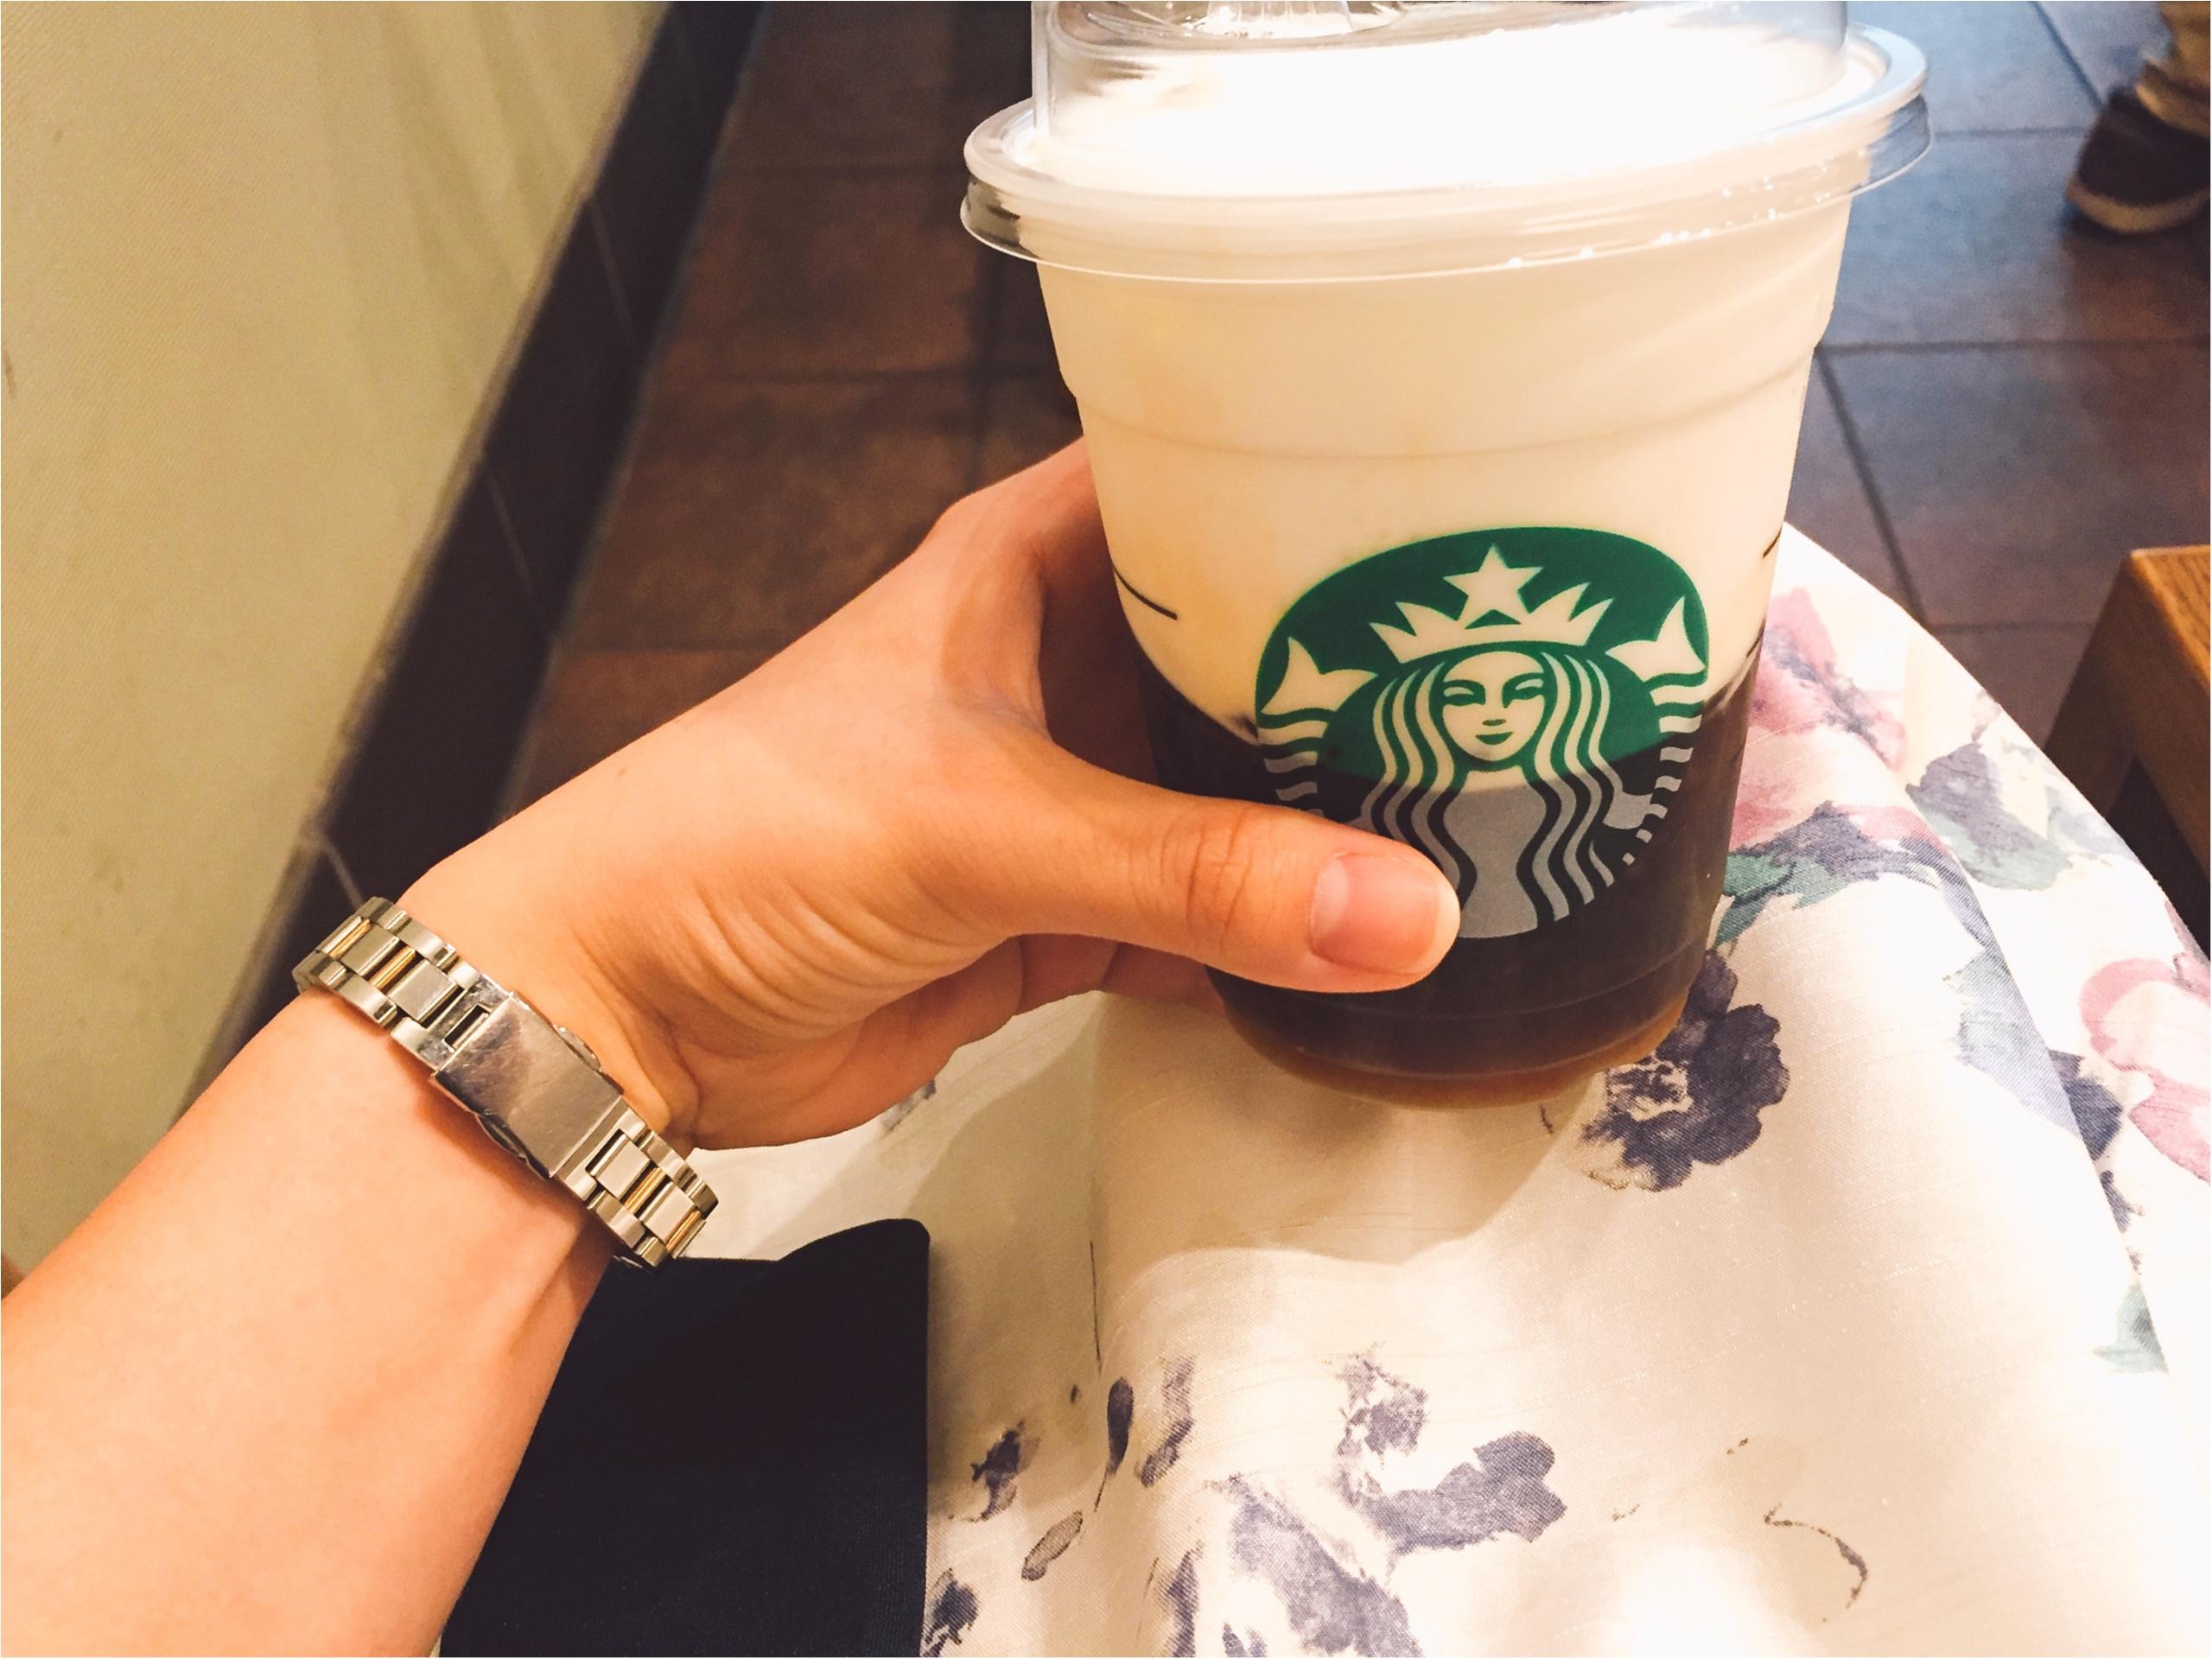 【スタバ】ブラック派でも楽しめるアレンジコーヒー!コールドブリュー ムース フォーム ヘーゼルナッツ☆_2